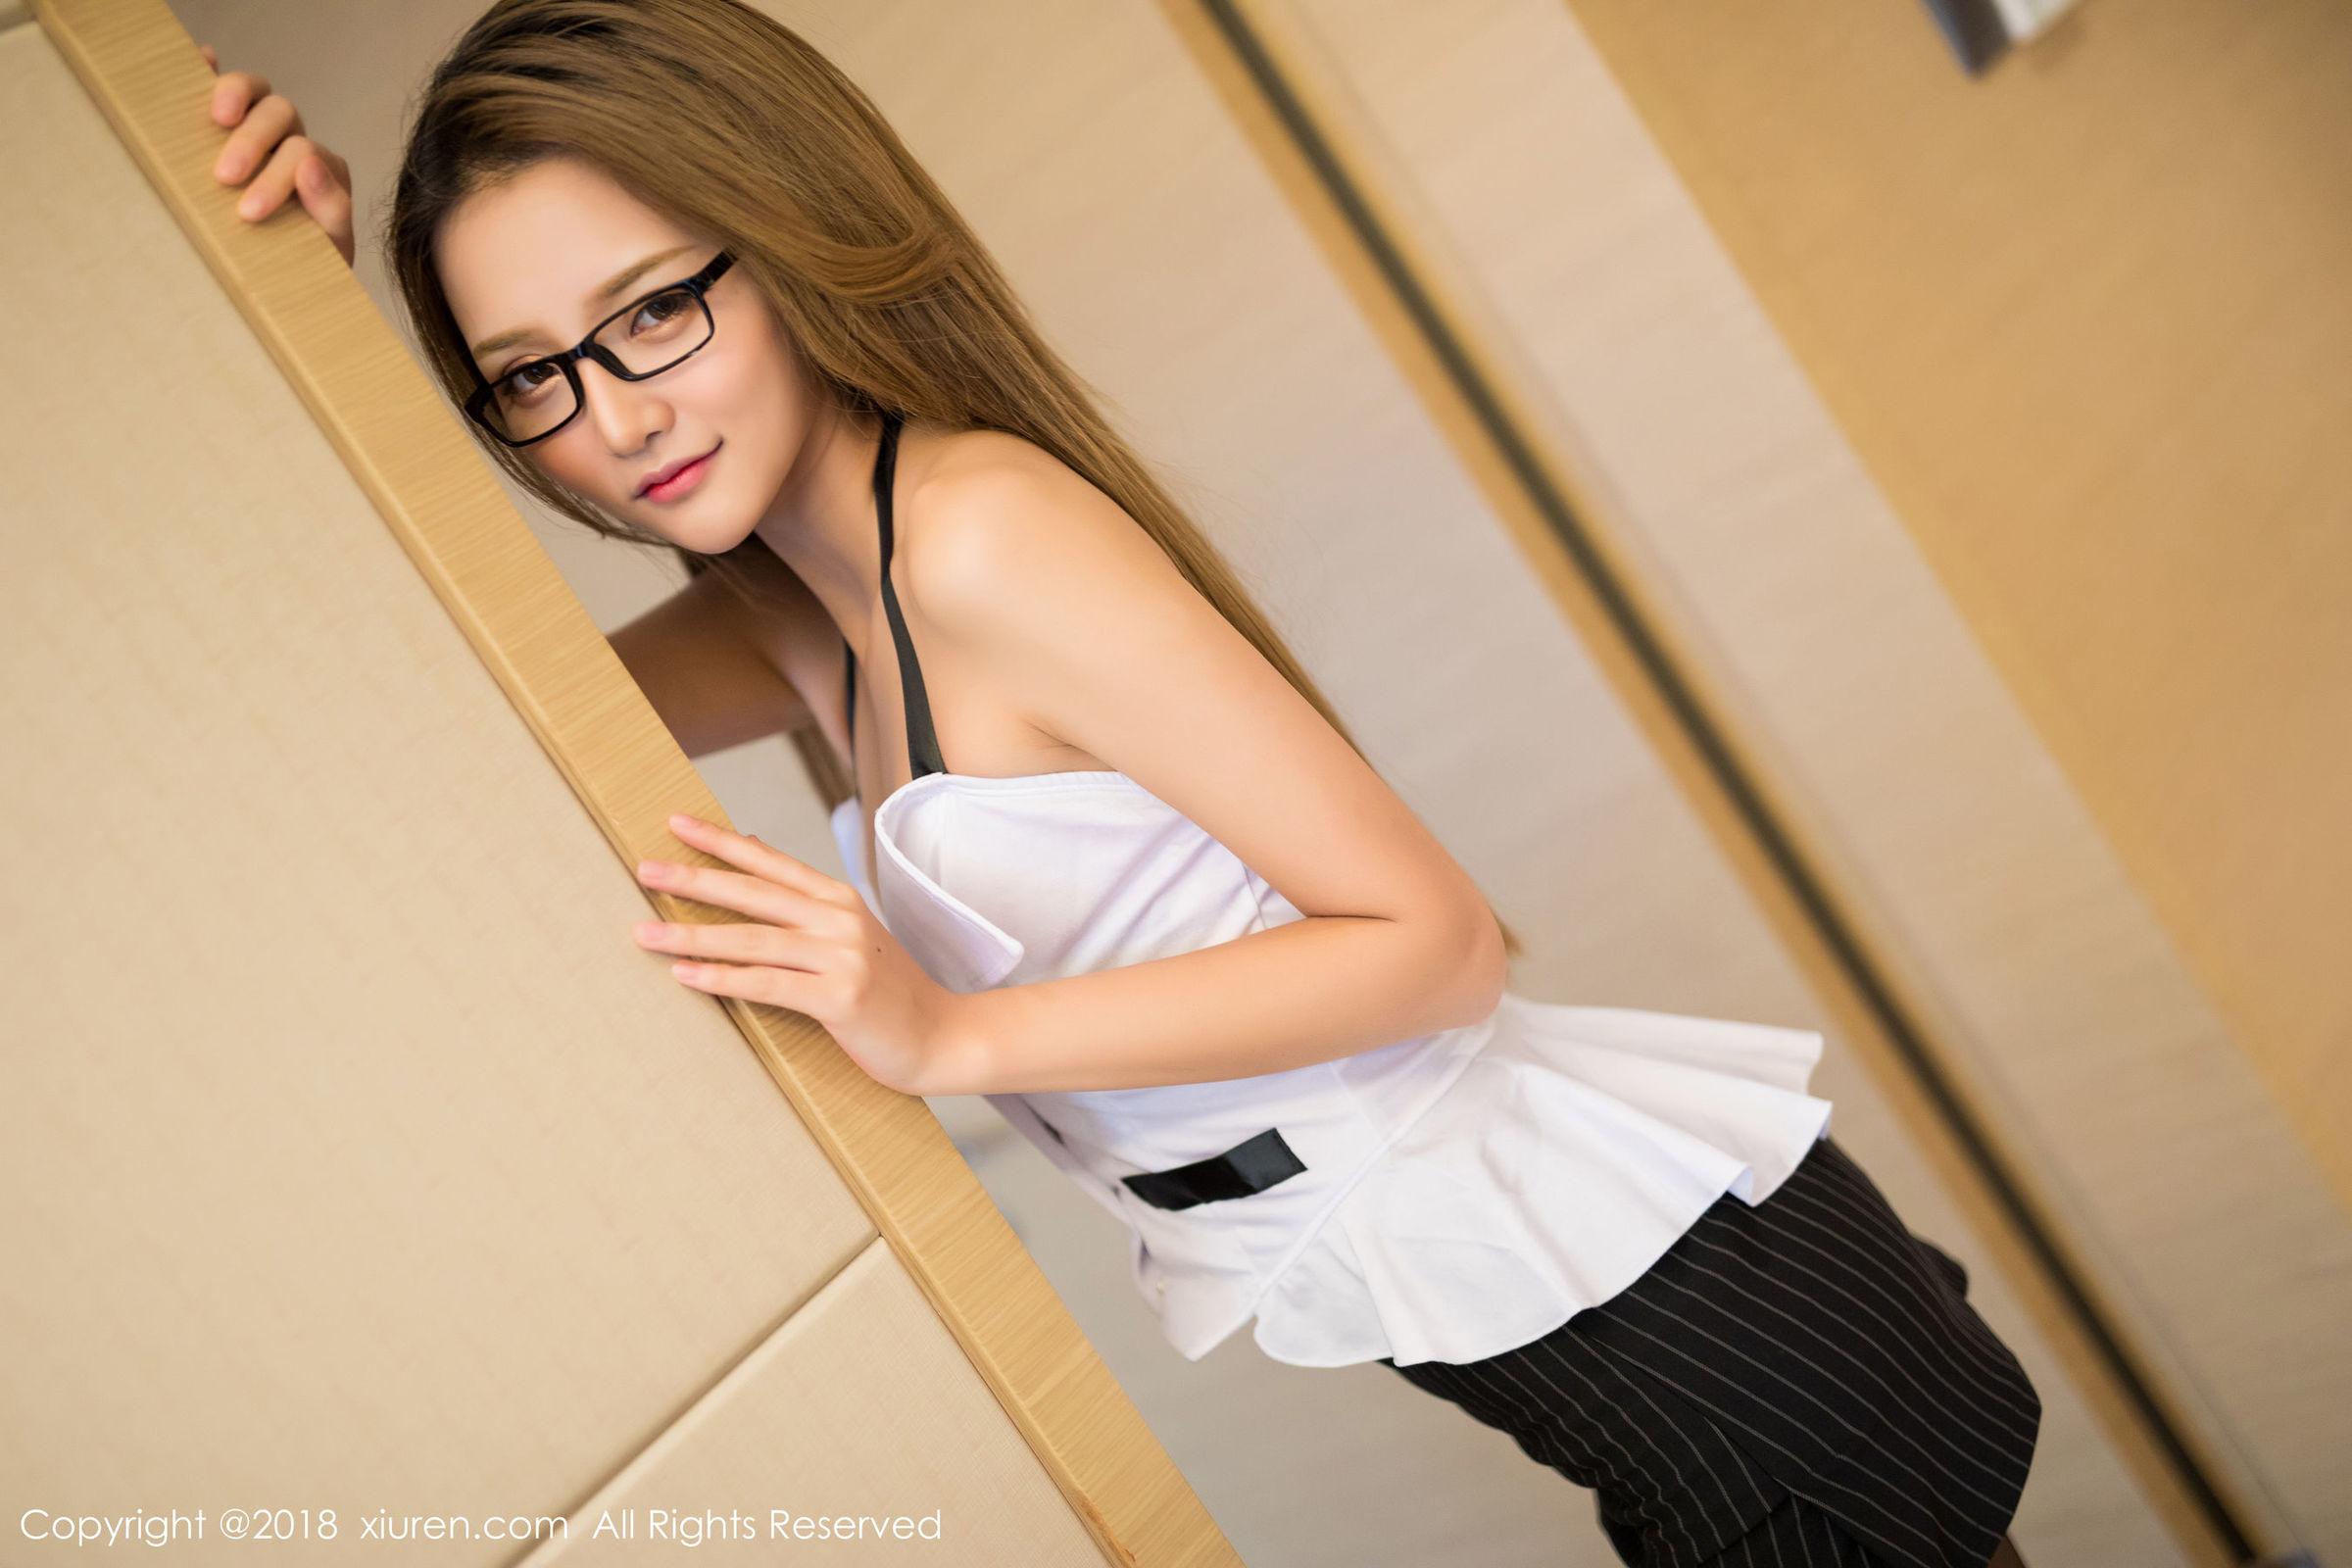 模特@Miko酱第三套黑丝美腿写真